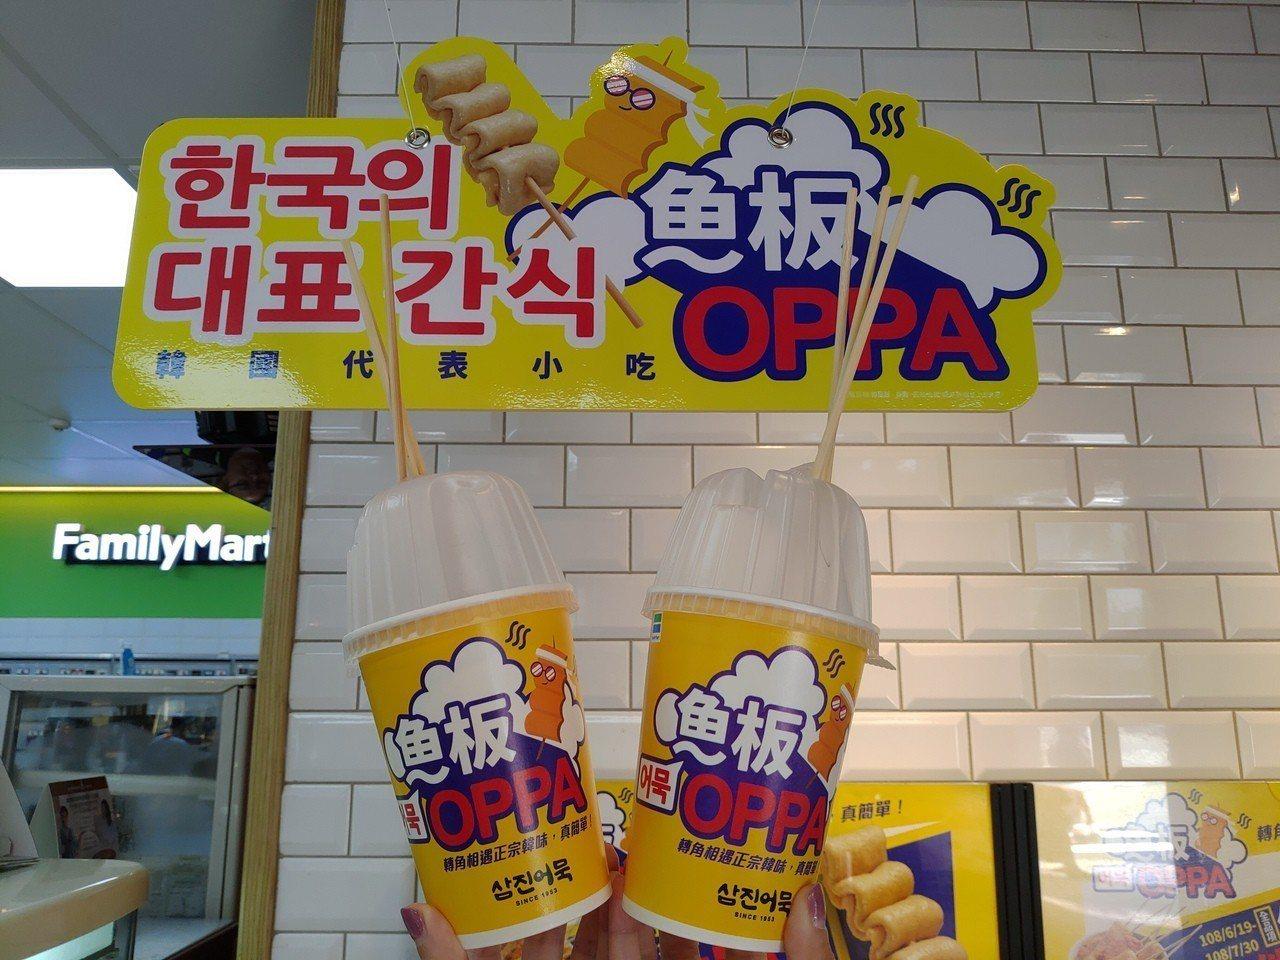 全家便利商店推出正宗韓國街頭小吃品牌「魚板OPPA」。圖/全家便利商店提供